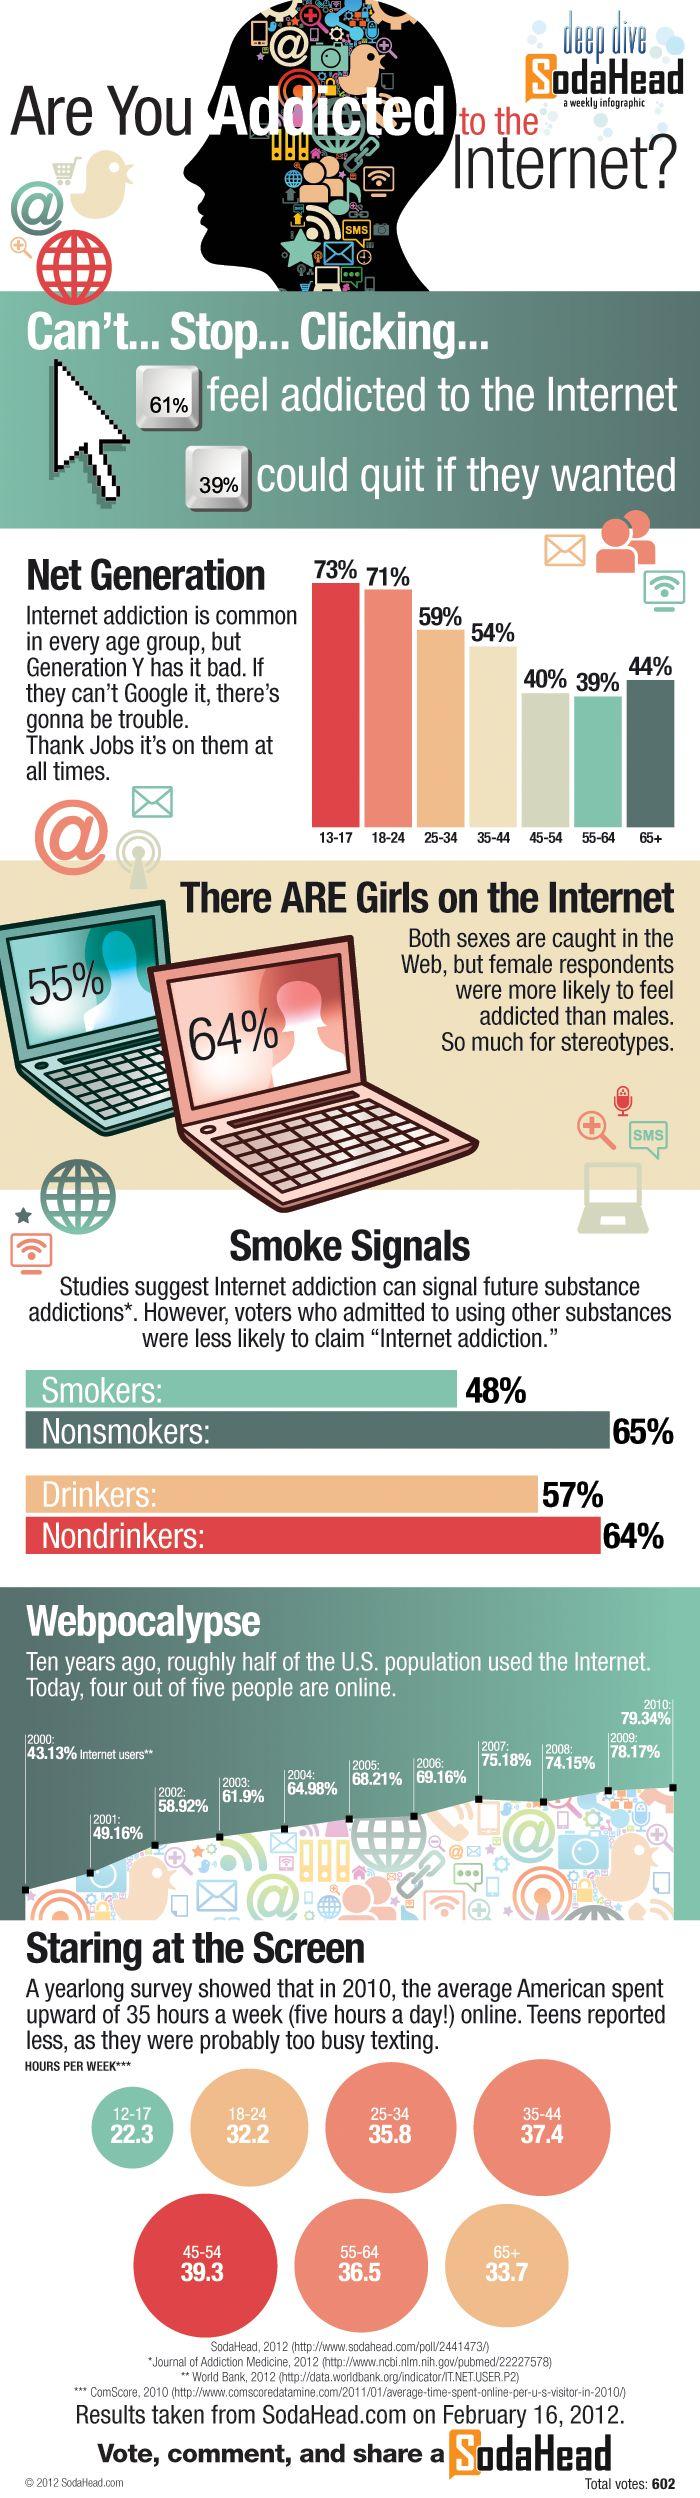 El grupo de personas jovenes (17-35 anños) se siente más adicto Internet, a pesar de que en realidad pasan menos tiempo que el grupo de personas mayores.